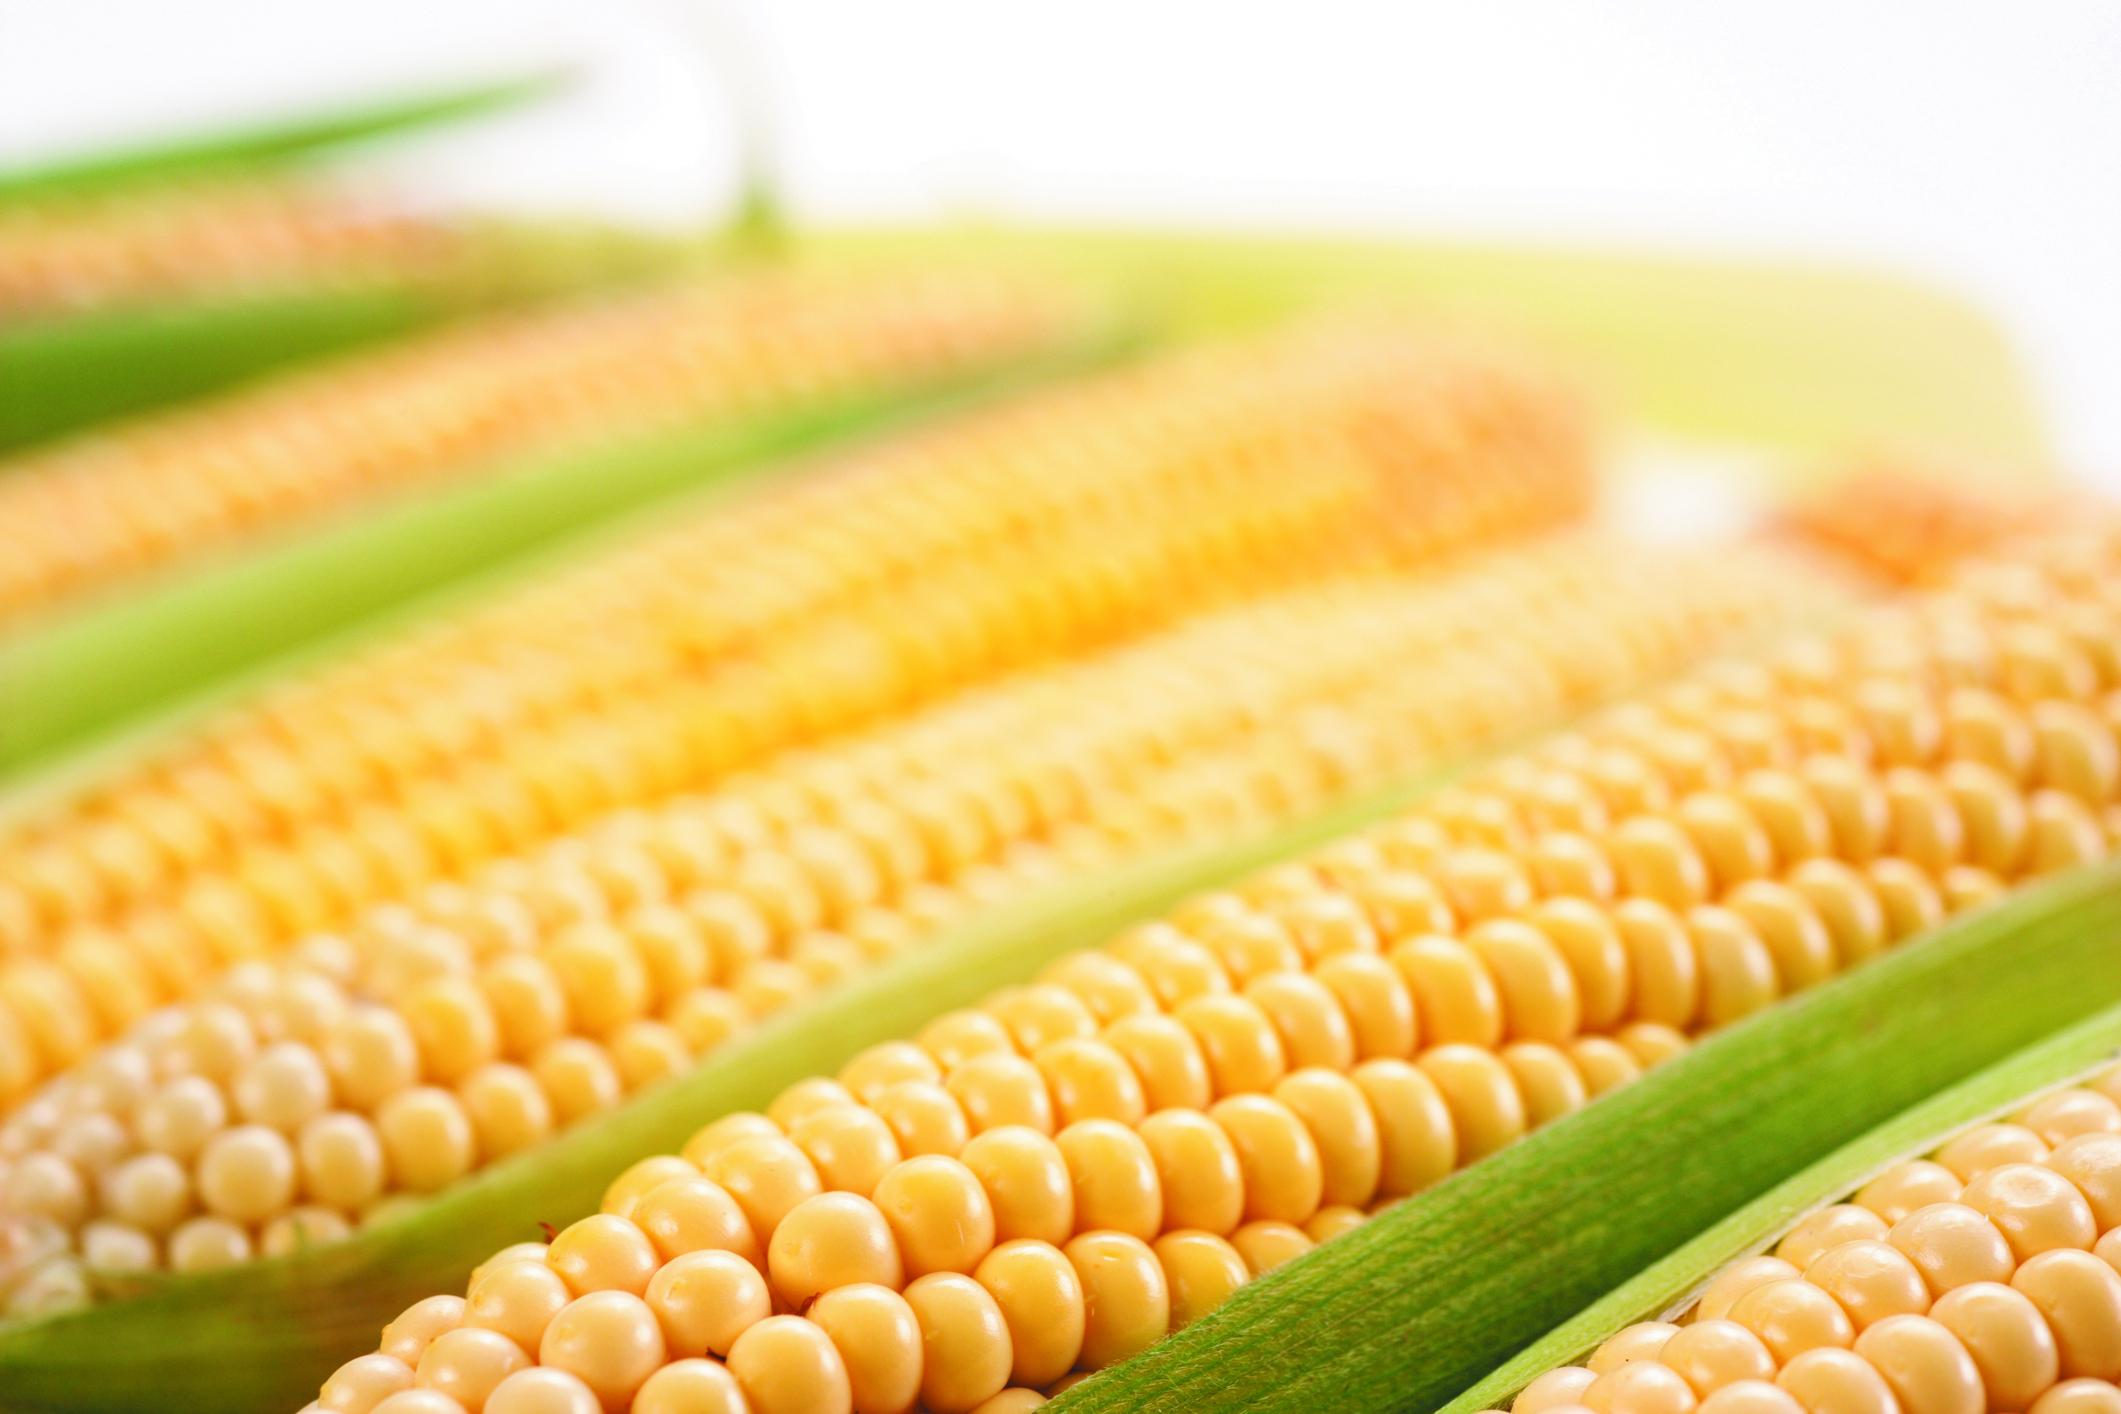 Parlament Europejski nie dopuścił modyfikowanej genetycznie kukurydzy